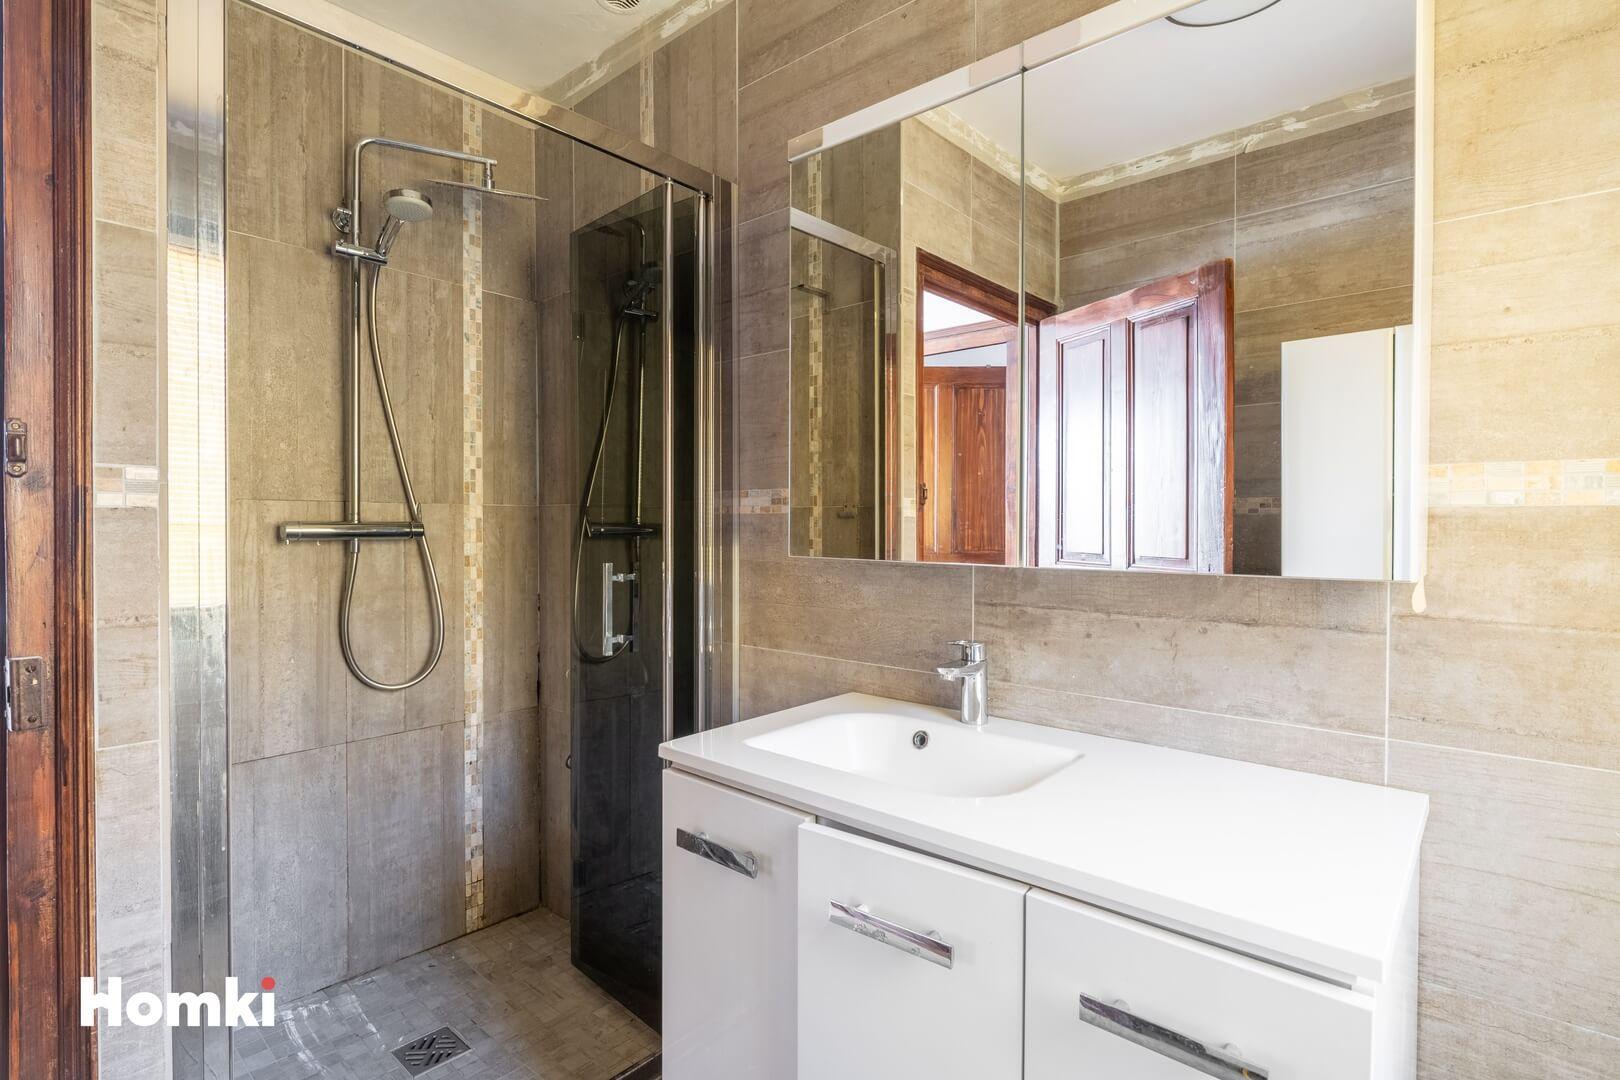 Homki - Vente Maison de ville  de 78.0 m² à Clarensac 30870